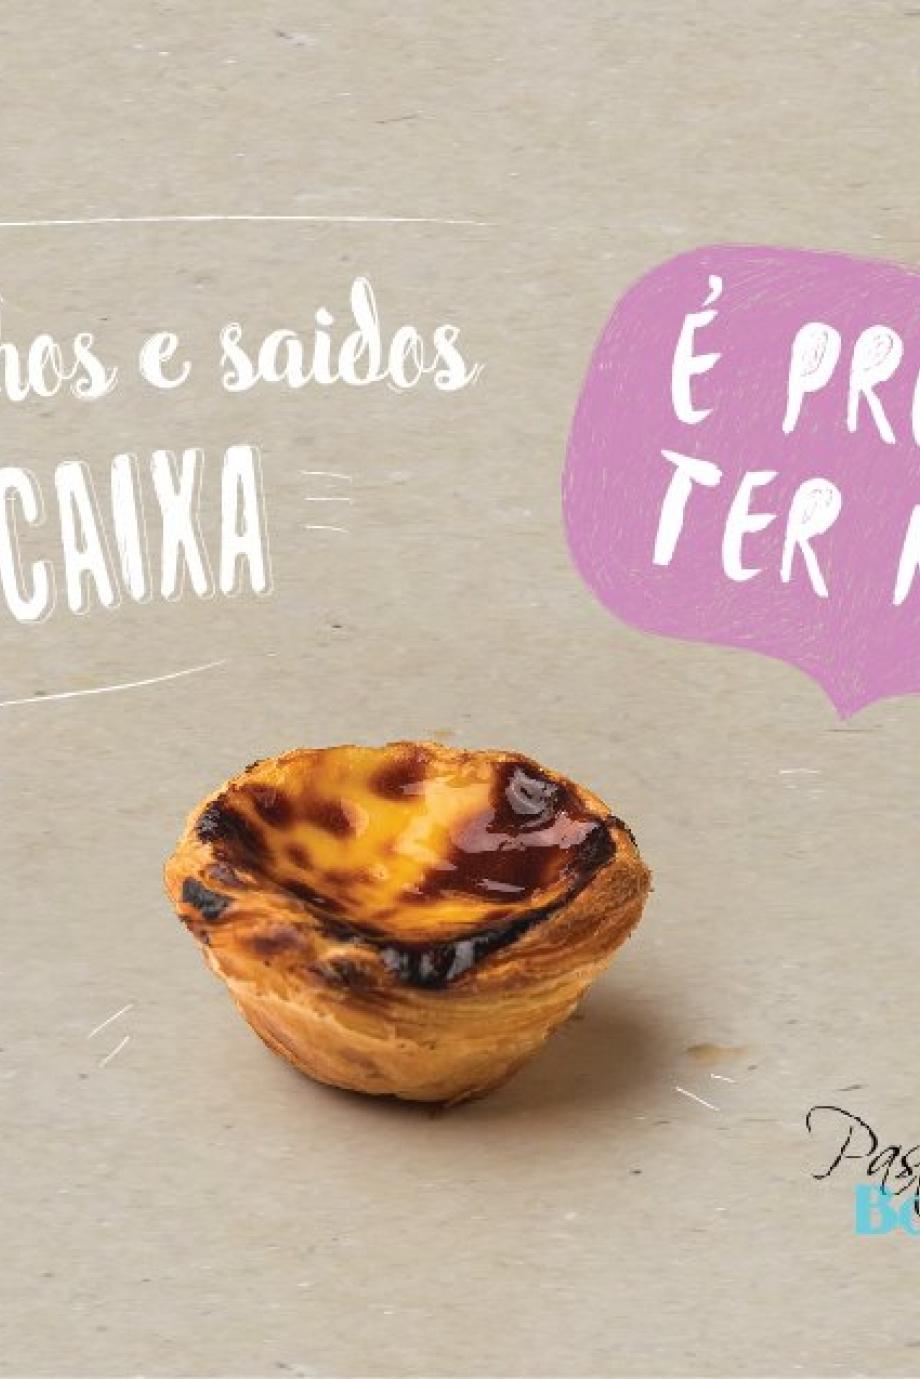 LisboaCool_Blog_Dia 25, há pastéis de nata gratuitos em Lisboa